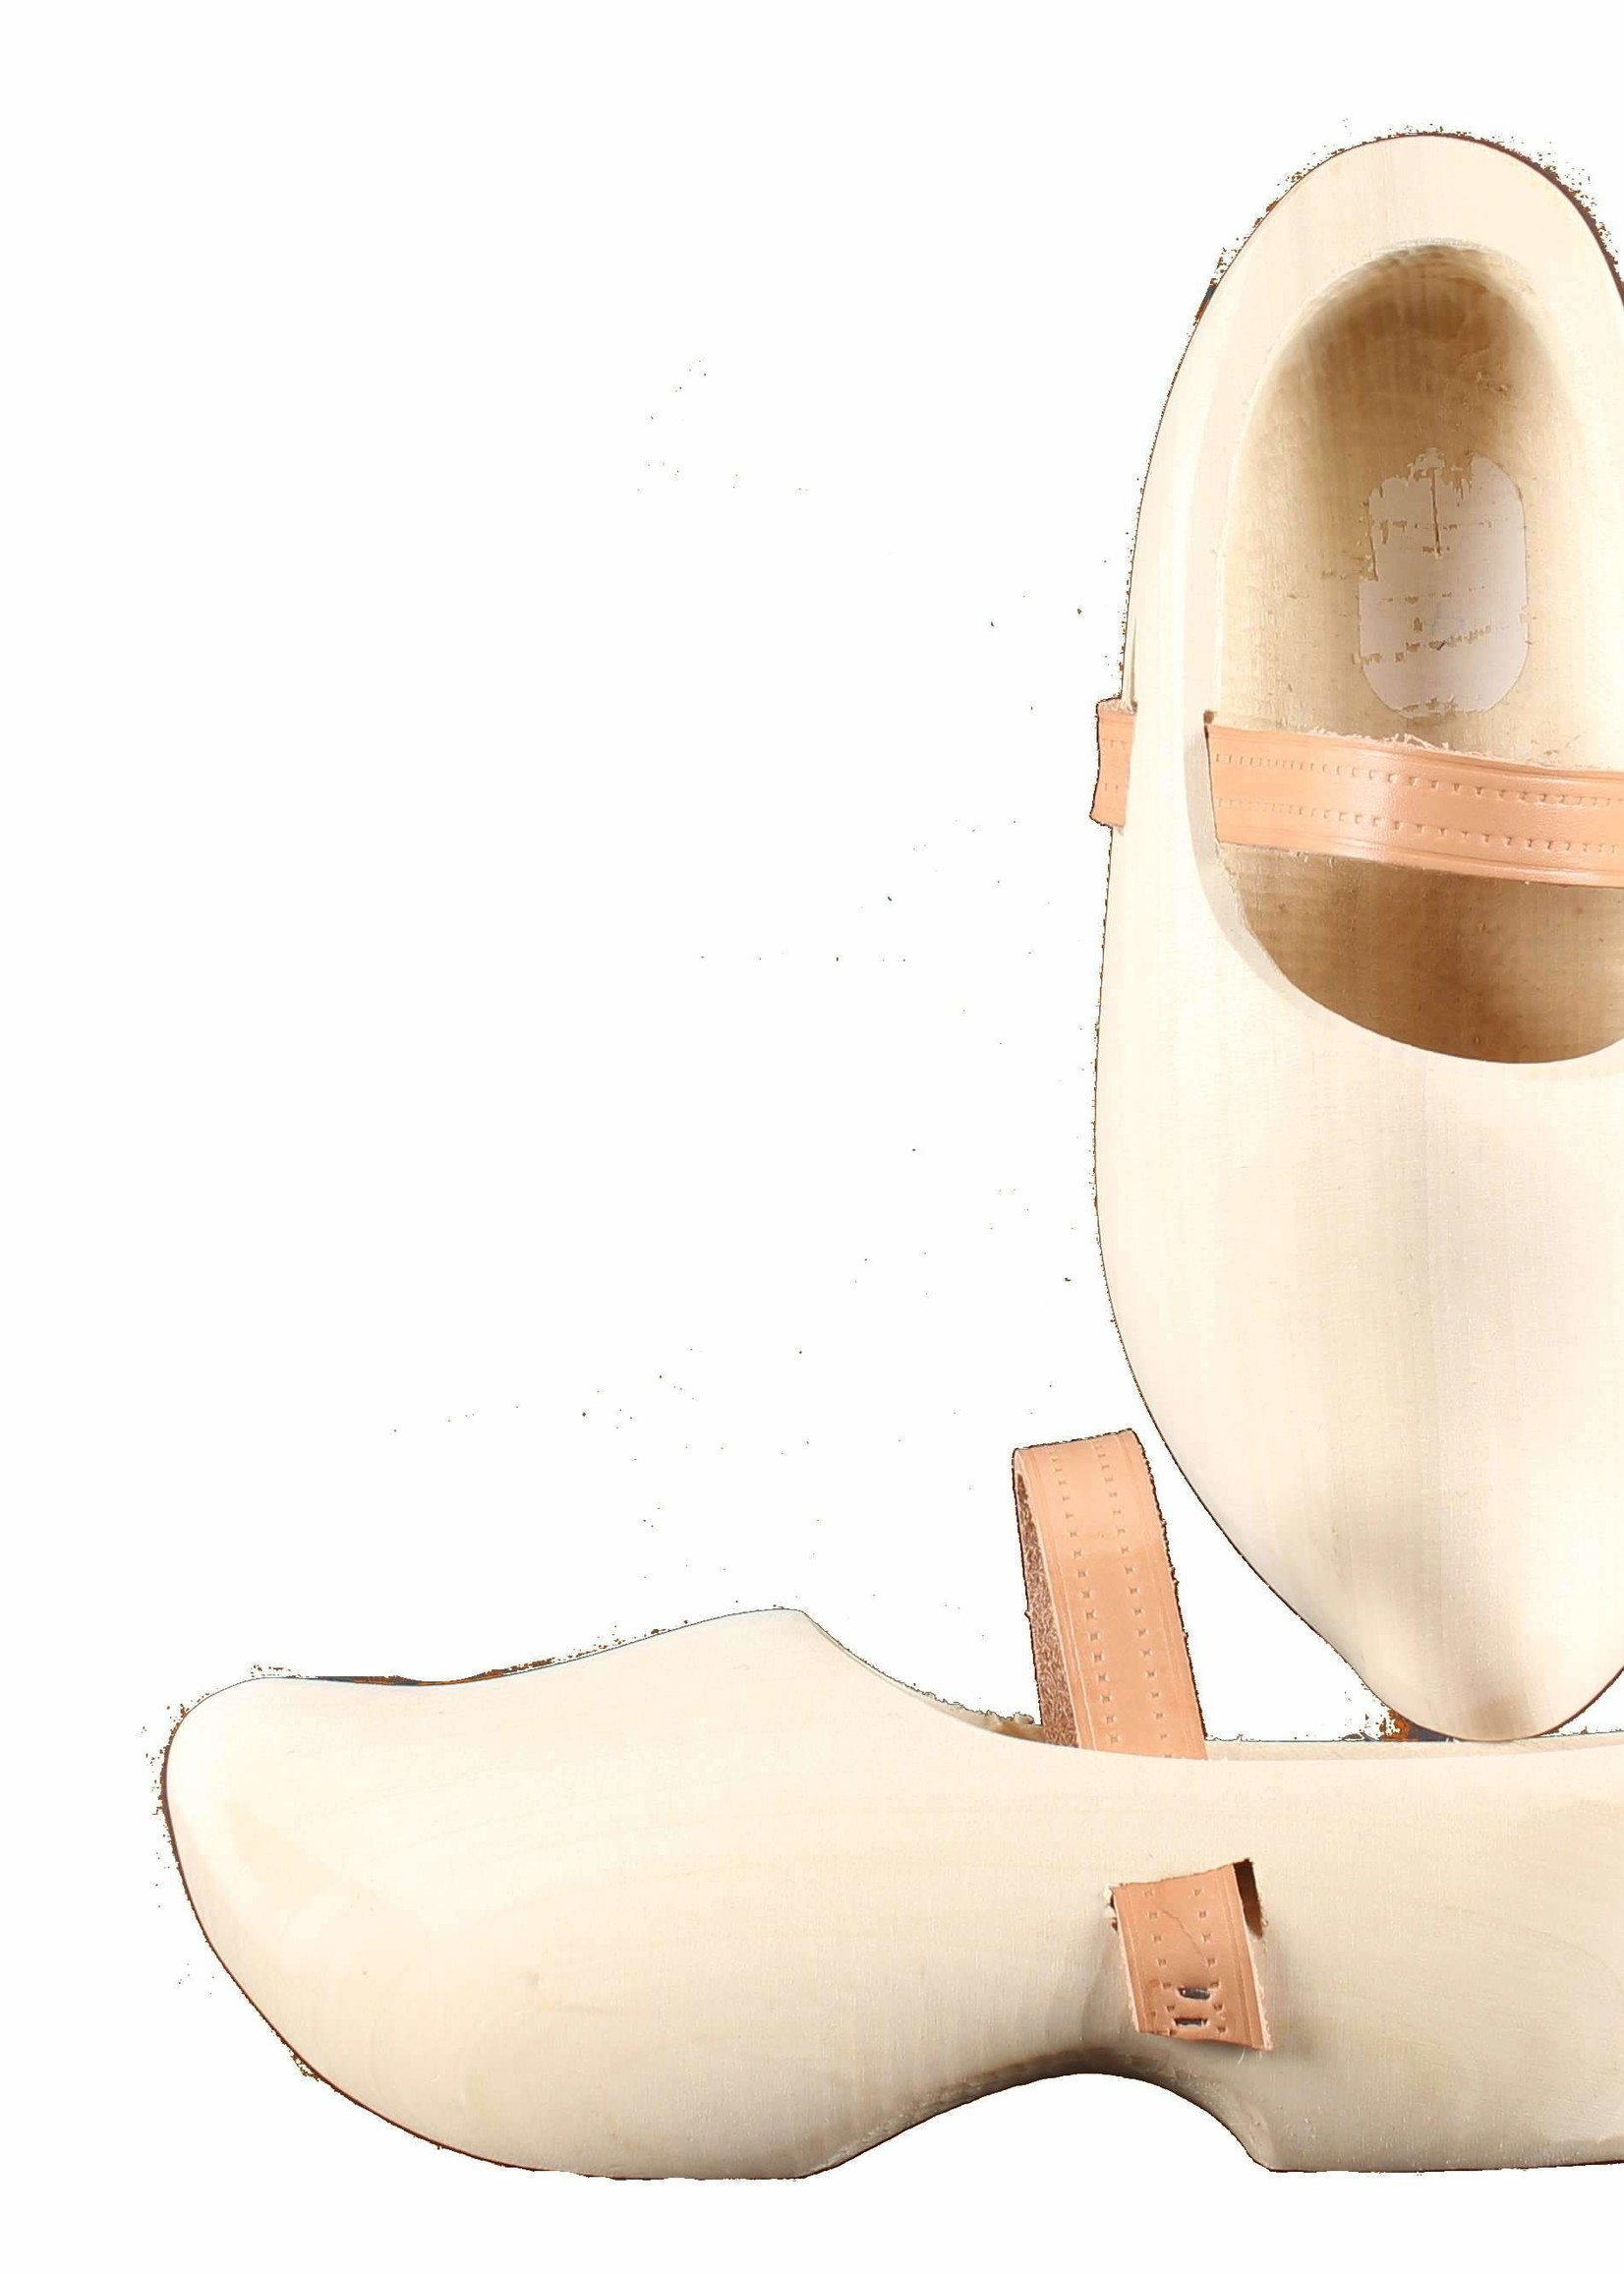 Wooden Shoe Factory Marken Tripklompen Blank, Klomp met Leren Band